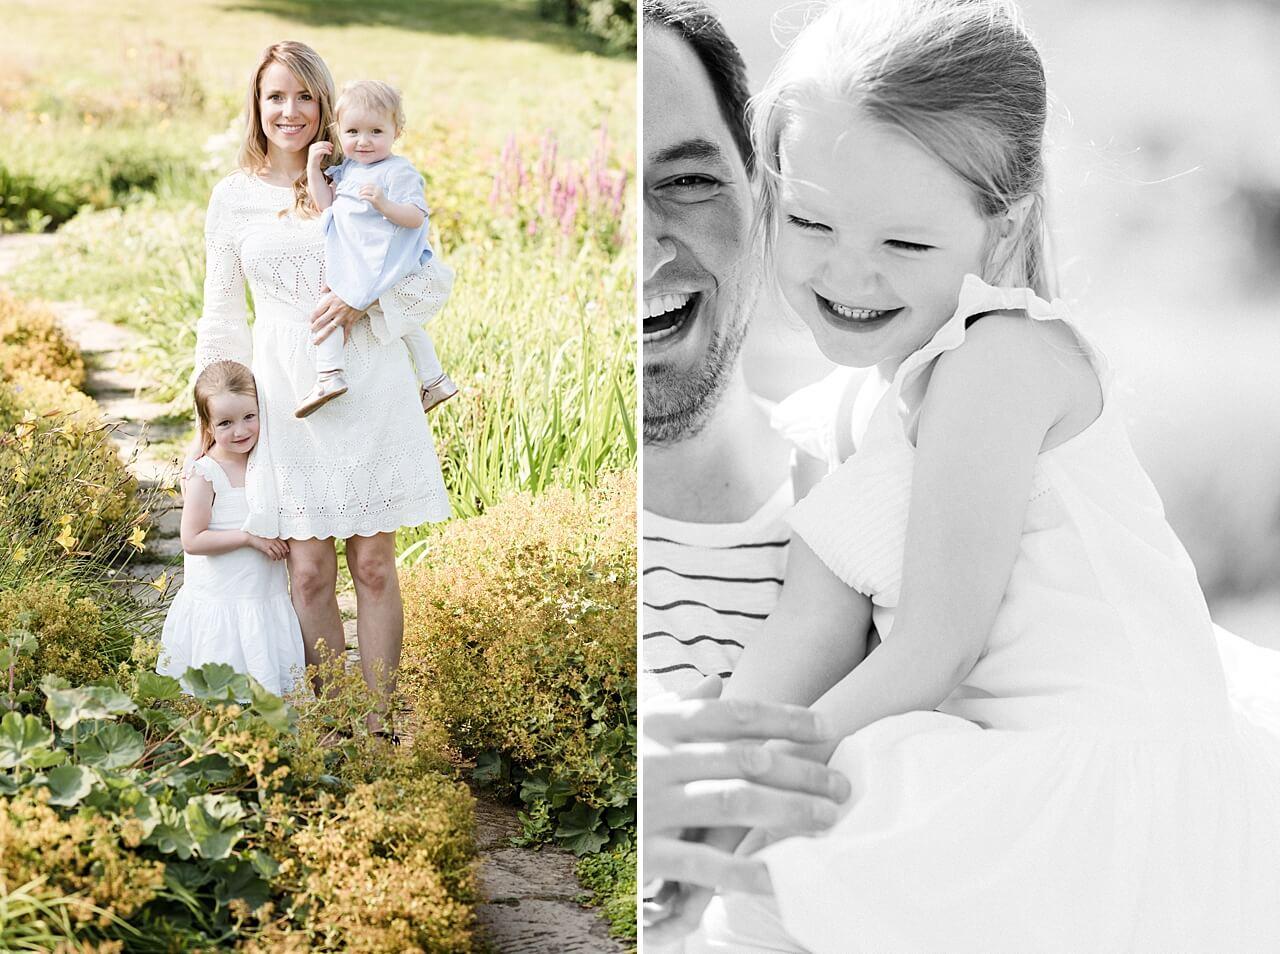 Rebecca Conte Fotografie: Sommerliche Familienbilder im Abendlicht 08